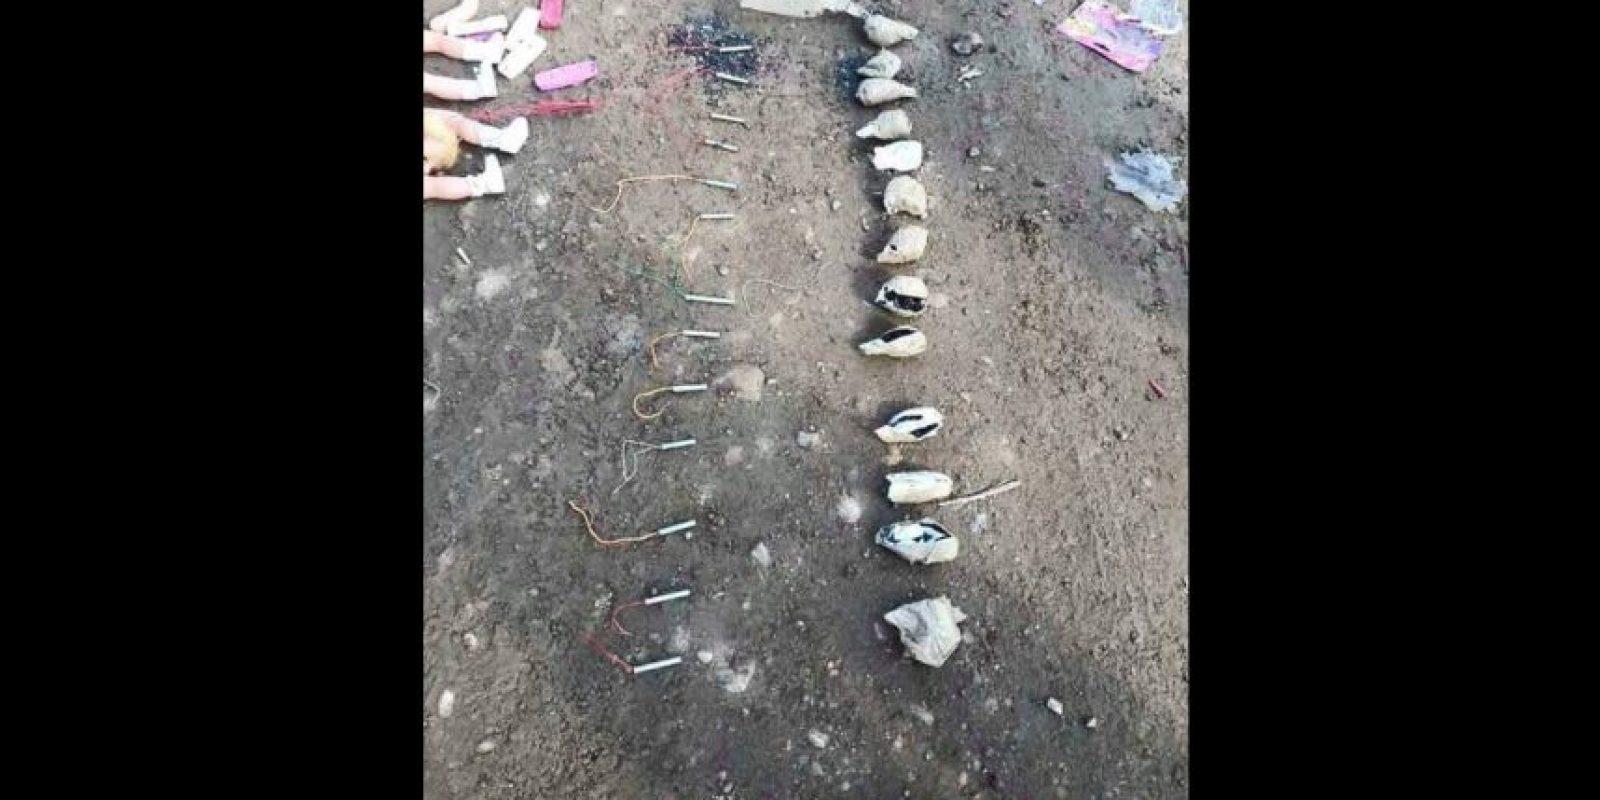 Todos los explosivos estaba escondidos dentro de las muñecas Foto:Vía Twitter @green_lemonnn